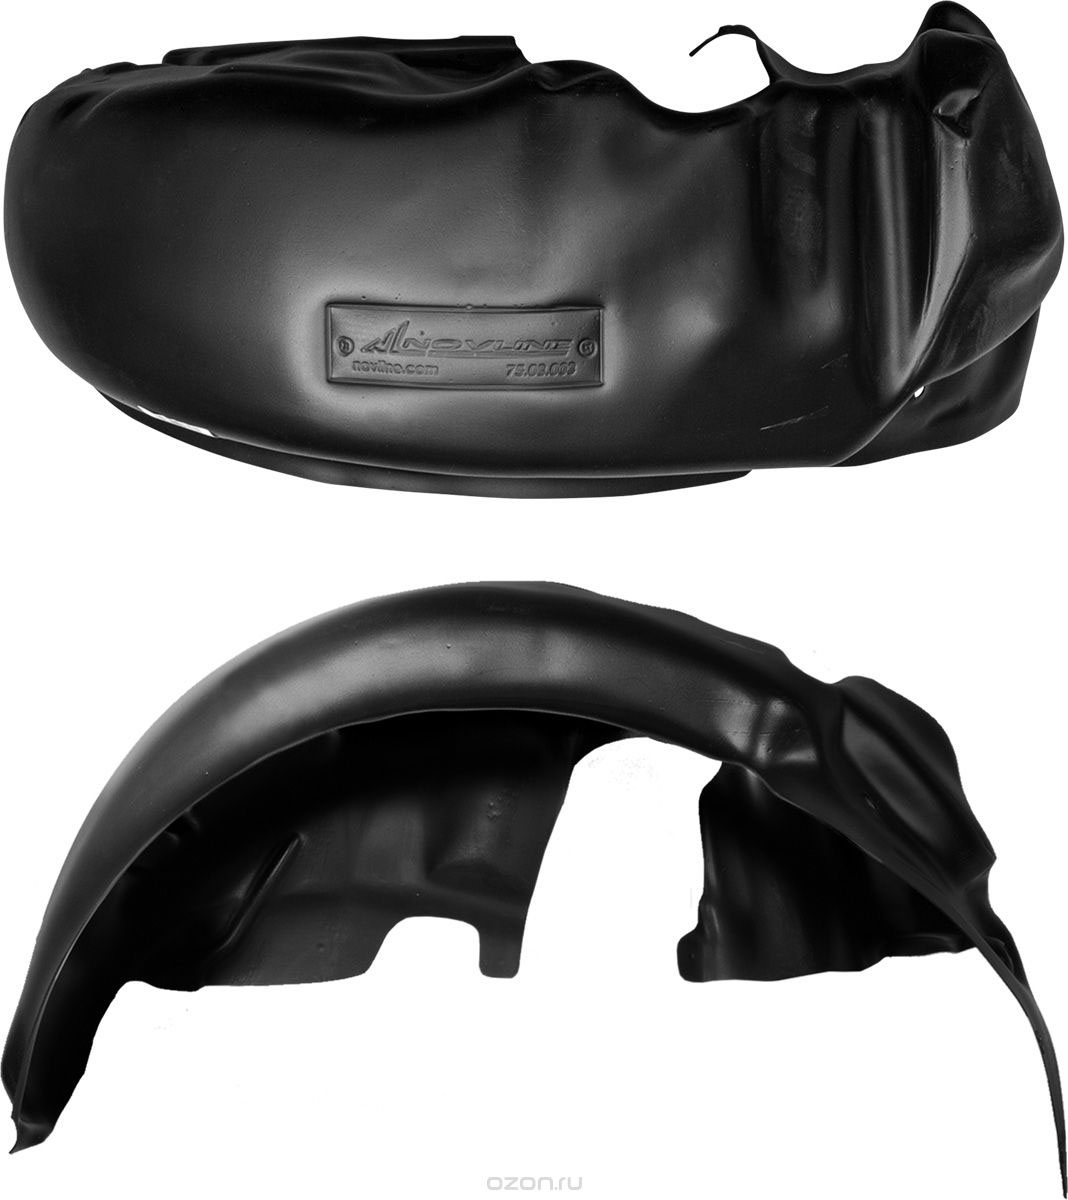 Подкрылок Novline-Autofamily, для TOYOTA Corolla , 2013->, передний правыйSVC-300Идеальная защита колесной ниши. Локеры разработаны с применением цифровых технологий, гарантируют максимальную повторяемость поверхности арки. Изделия устанавливаются без нарушения лакокрасочного покрытия автомобиля, каждый подкрылок комплектуется крепежом. Уважаемые клиенты, обращаем ваше внимание, что фотографии на подкрылки универсальные и не отражают реальную форму изделия. При этом само изделие идет точно под размер указанного автомобиля.